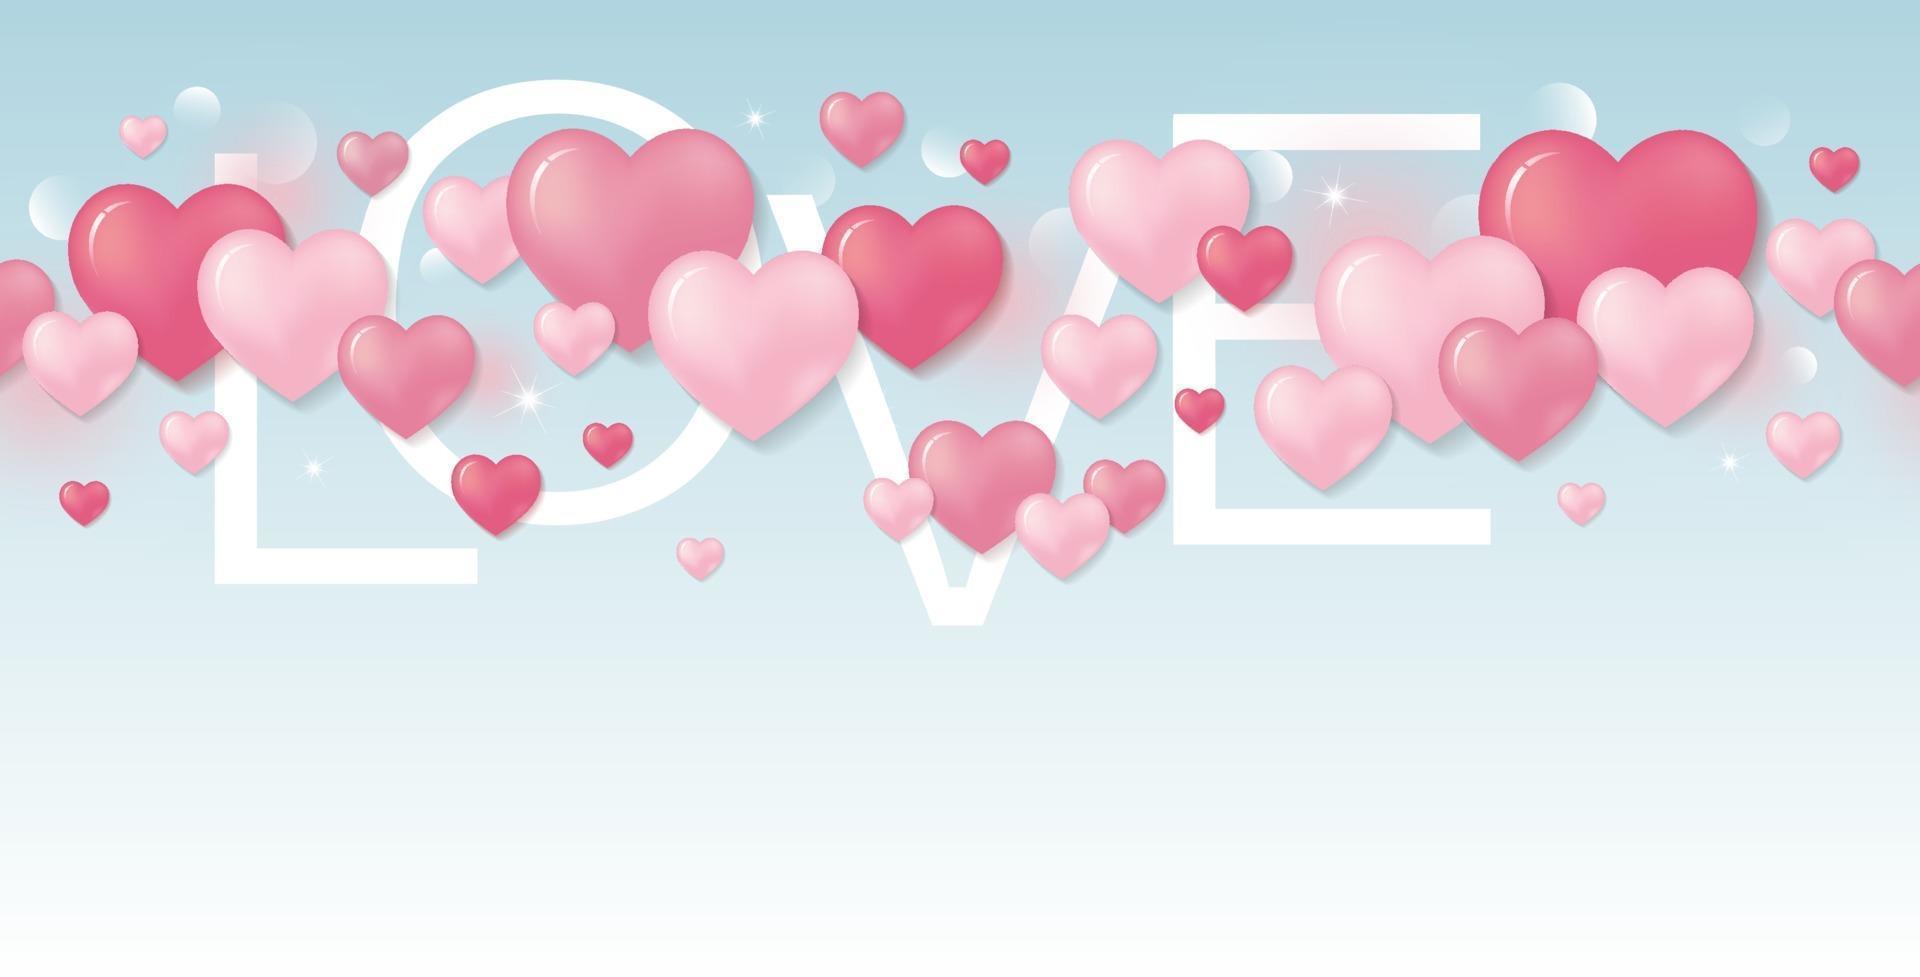 Valentinstagskartenentwurf der rosa Herzen mit Liebestextvektorillustration vektor